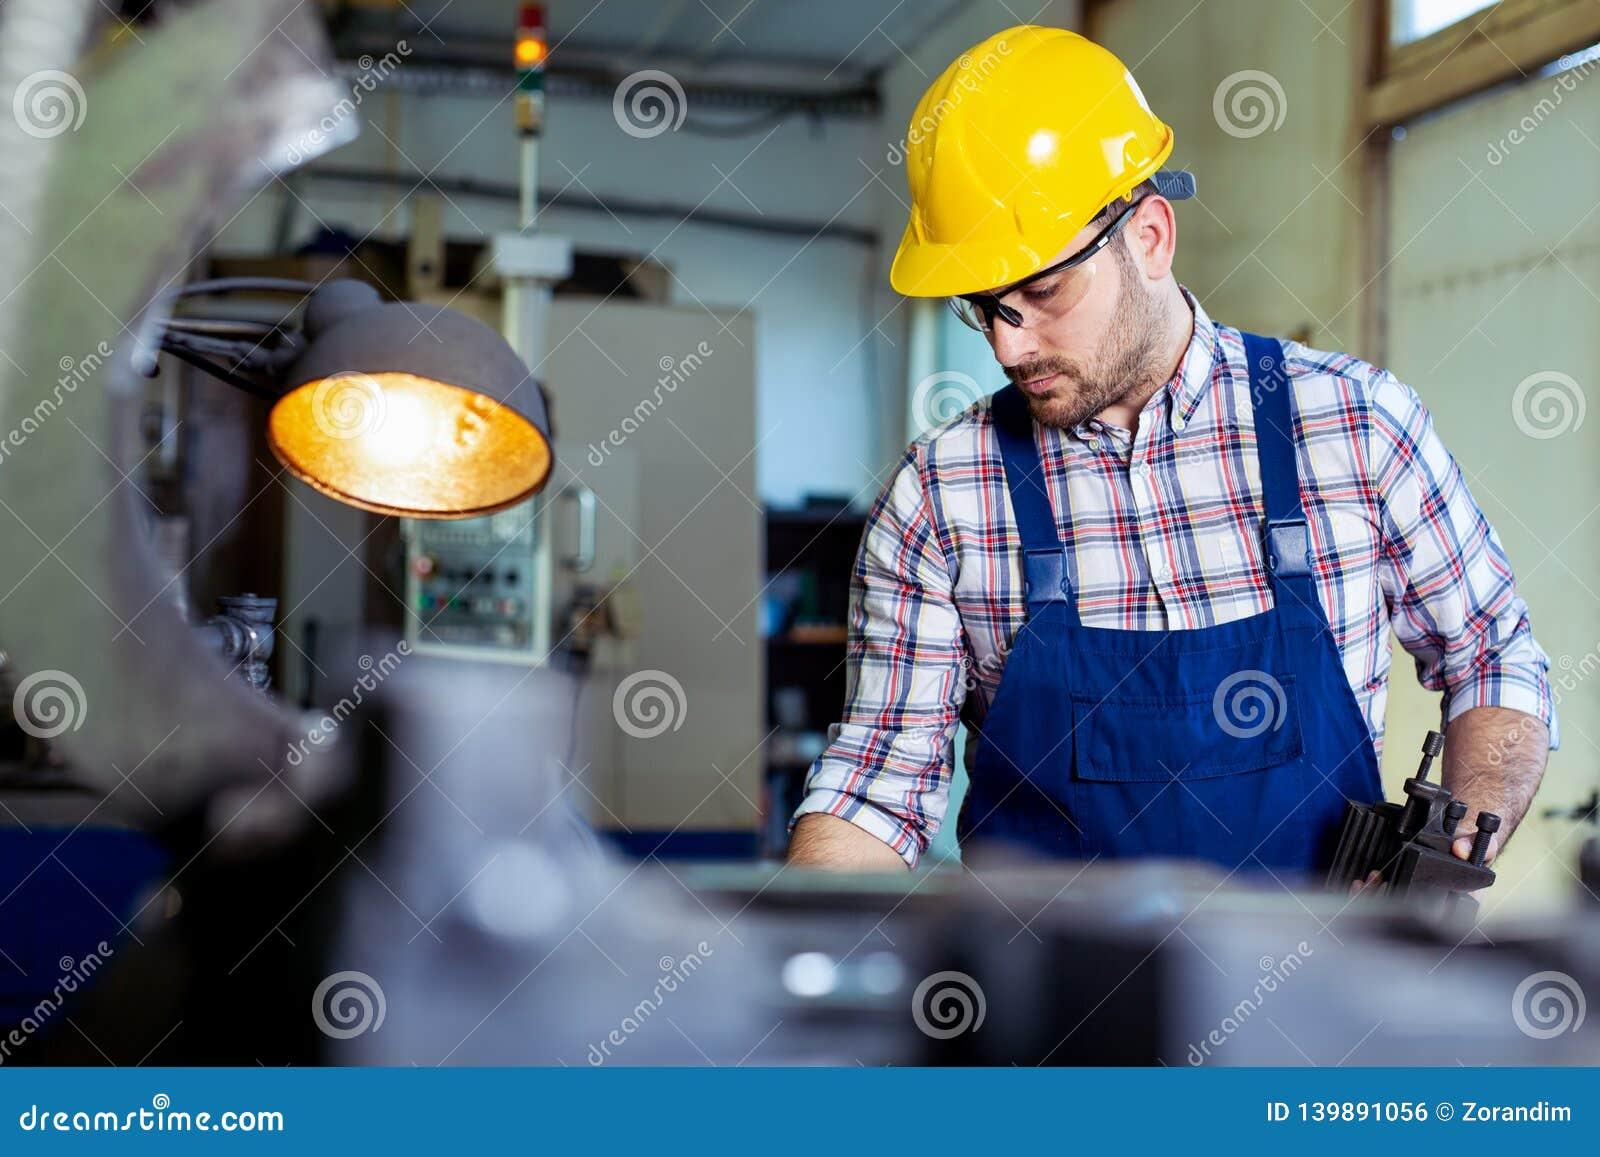 Arbeitskraft in der Uniform, die in der manuellen Drehbank in der Metallindustriefabrik funktioniert